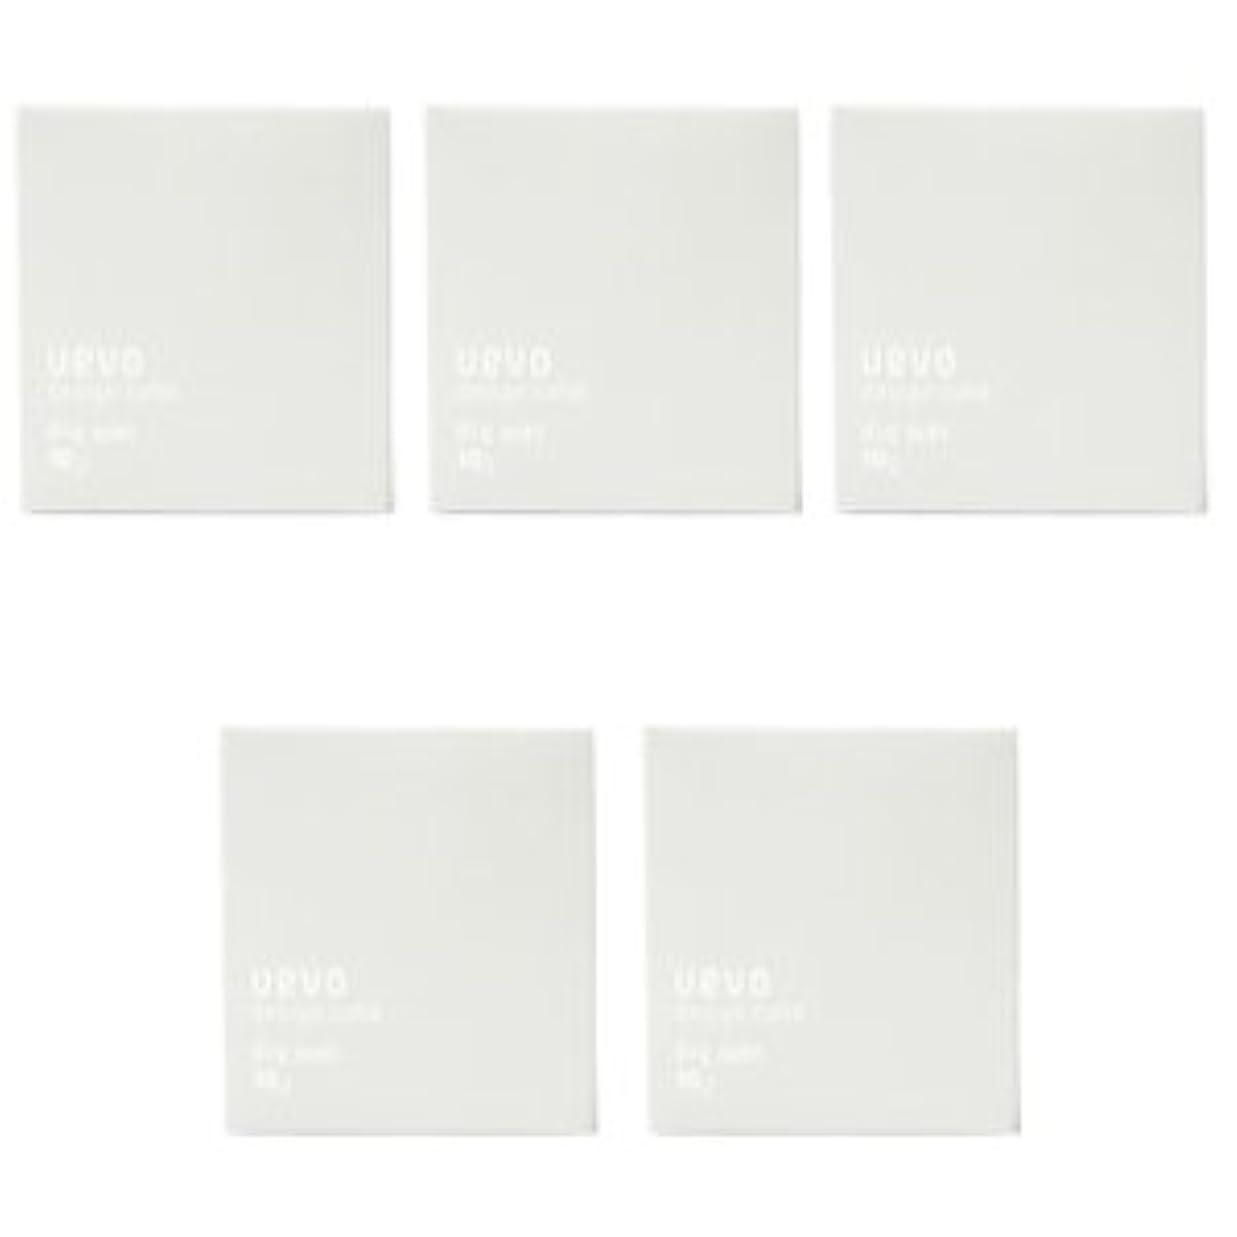 説得キャンプ反射【X5個セット】 デミ ウェーボ デザインキューブ ドライワックス 80g dry wax DEMI uevo design cube